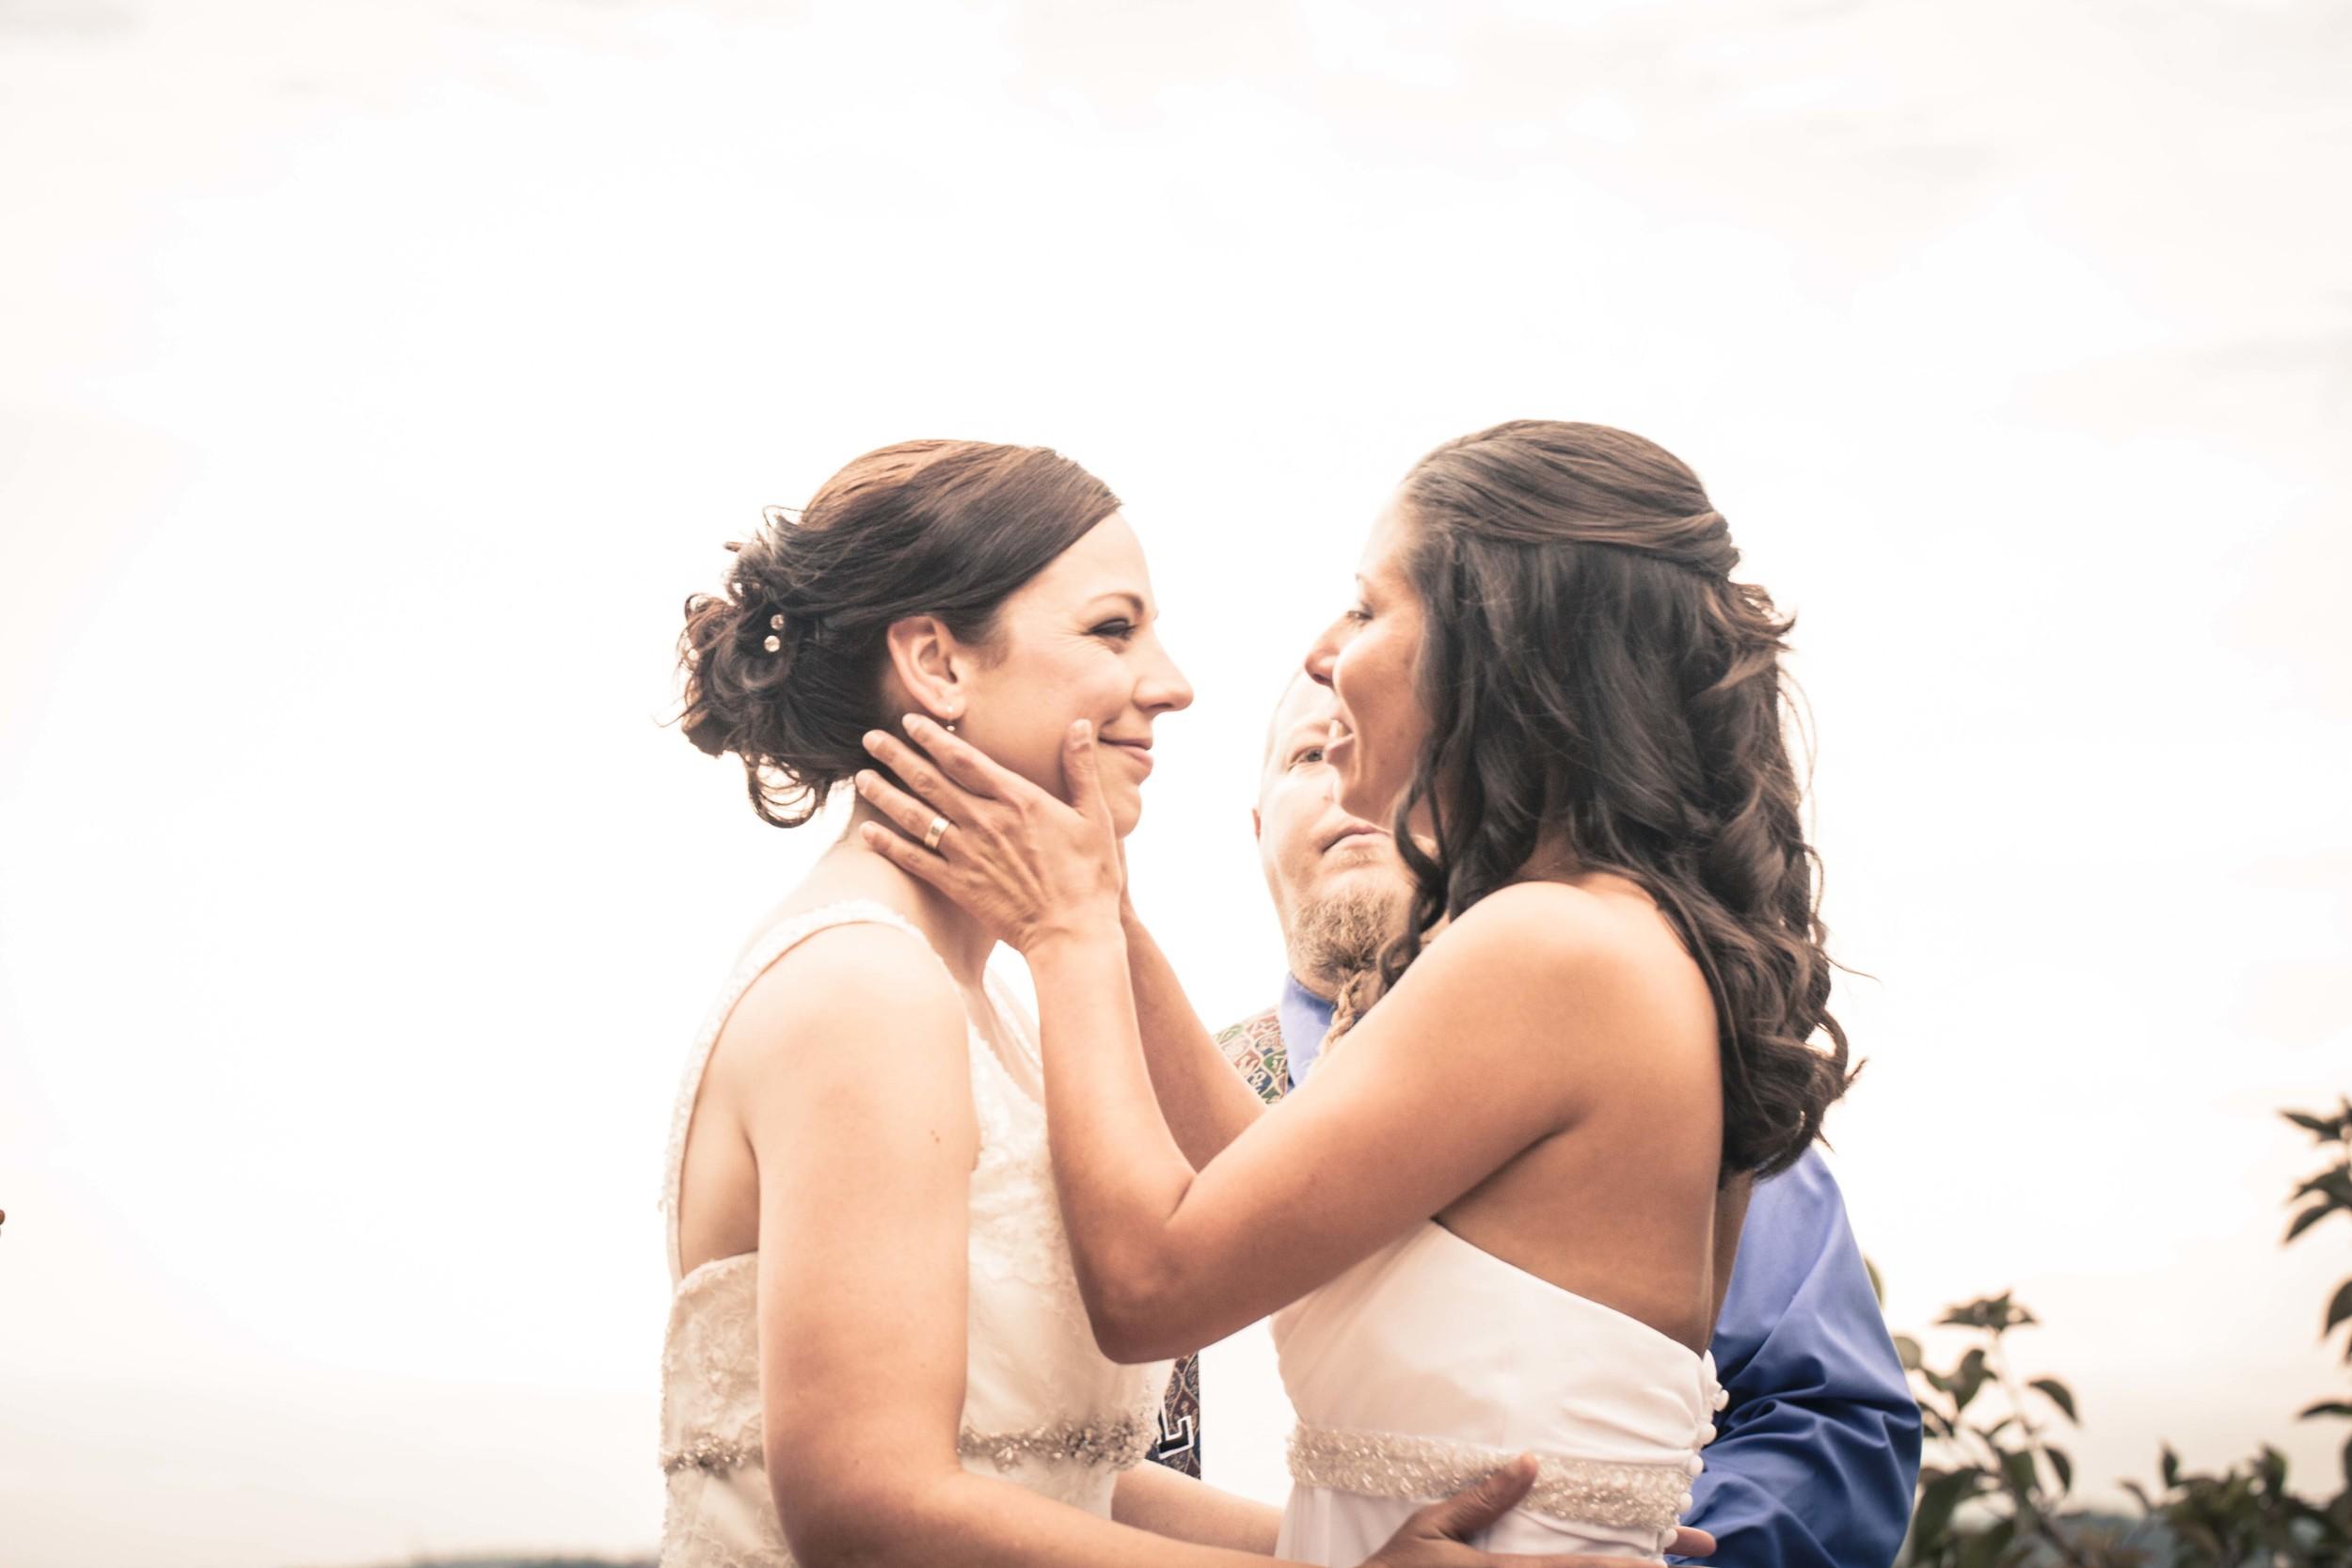 Lisa&Leah_2013 (224 of 524).jpg